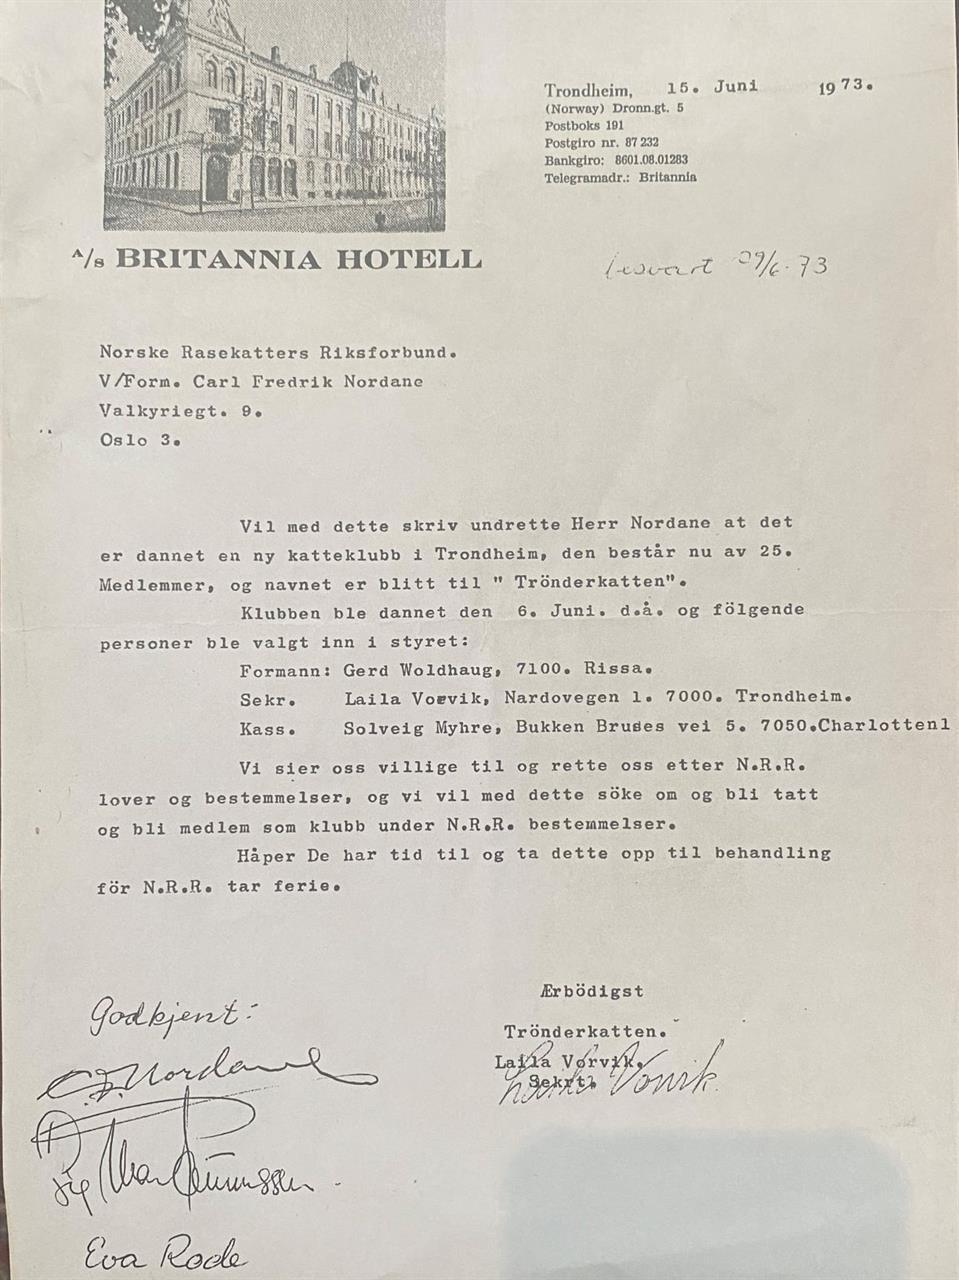 Trønderkatten blir godkjent som klubb i NRR 29.06.1973